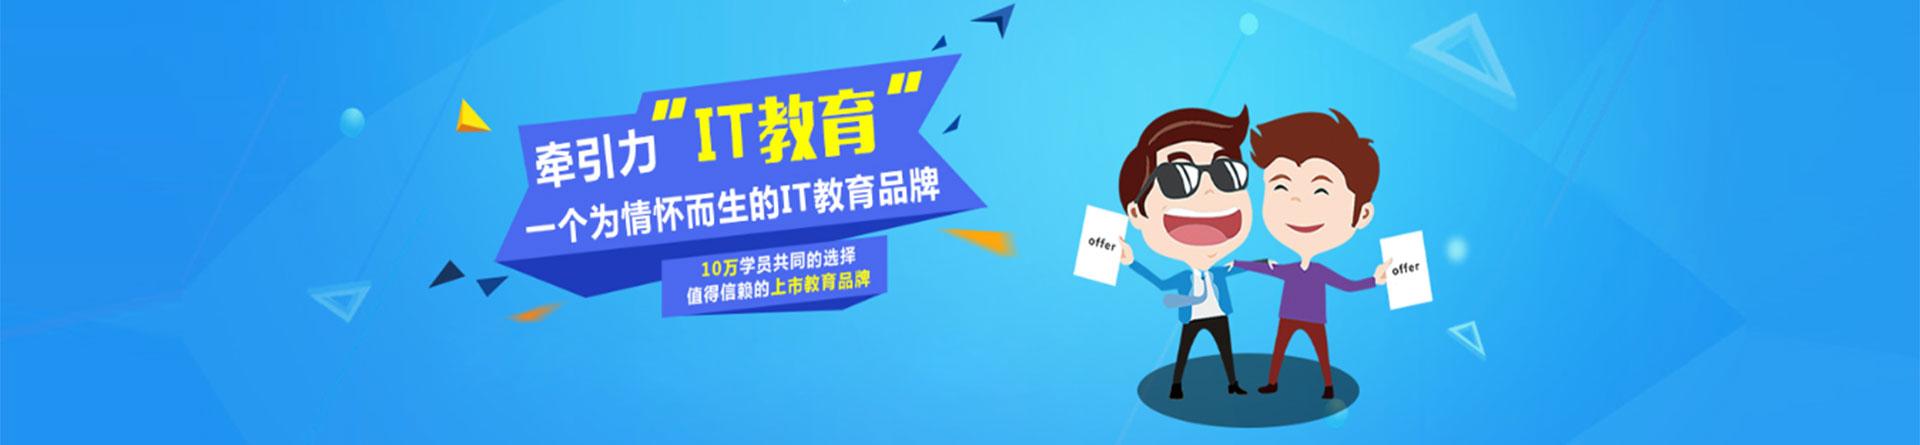 郑州牵引力教育